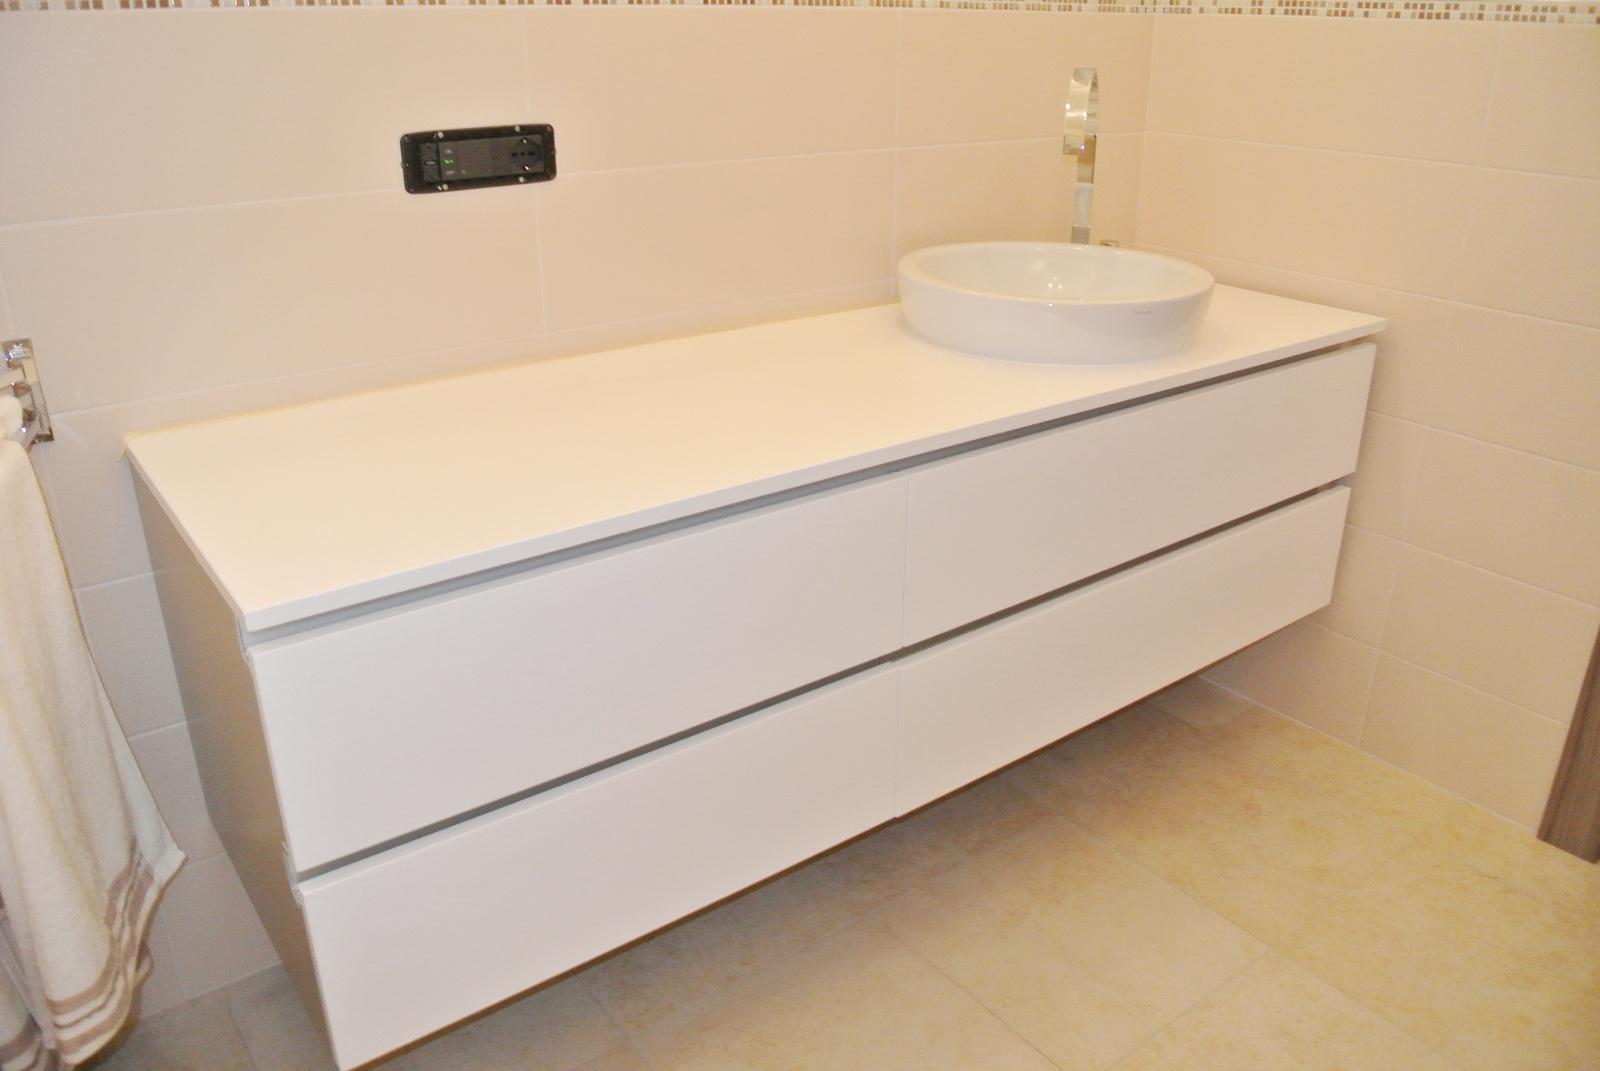 sintesibagno-arredobagno-arredo-bagno-svizzera-mobile-puntotre-lavabo-appoggio-catalano-mobile-brill-puntotre